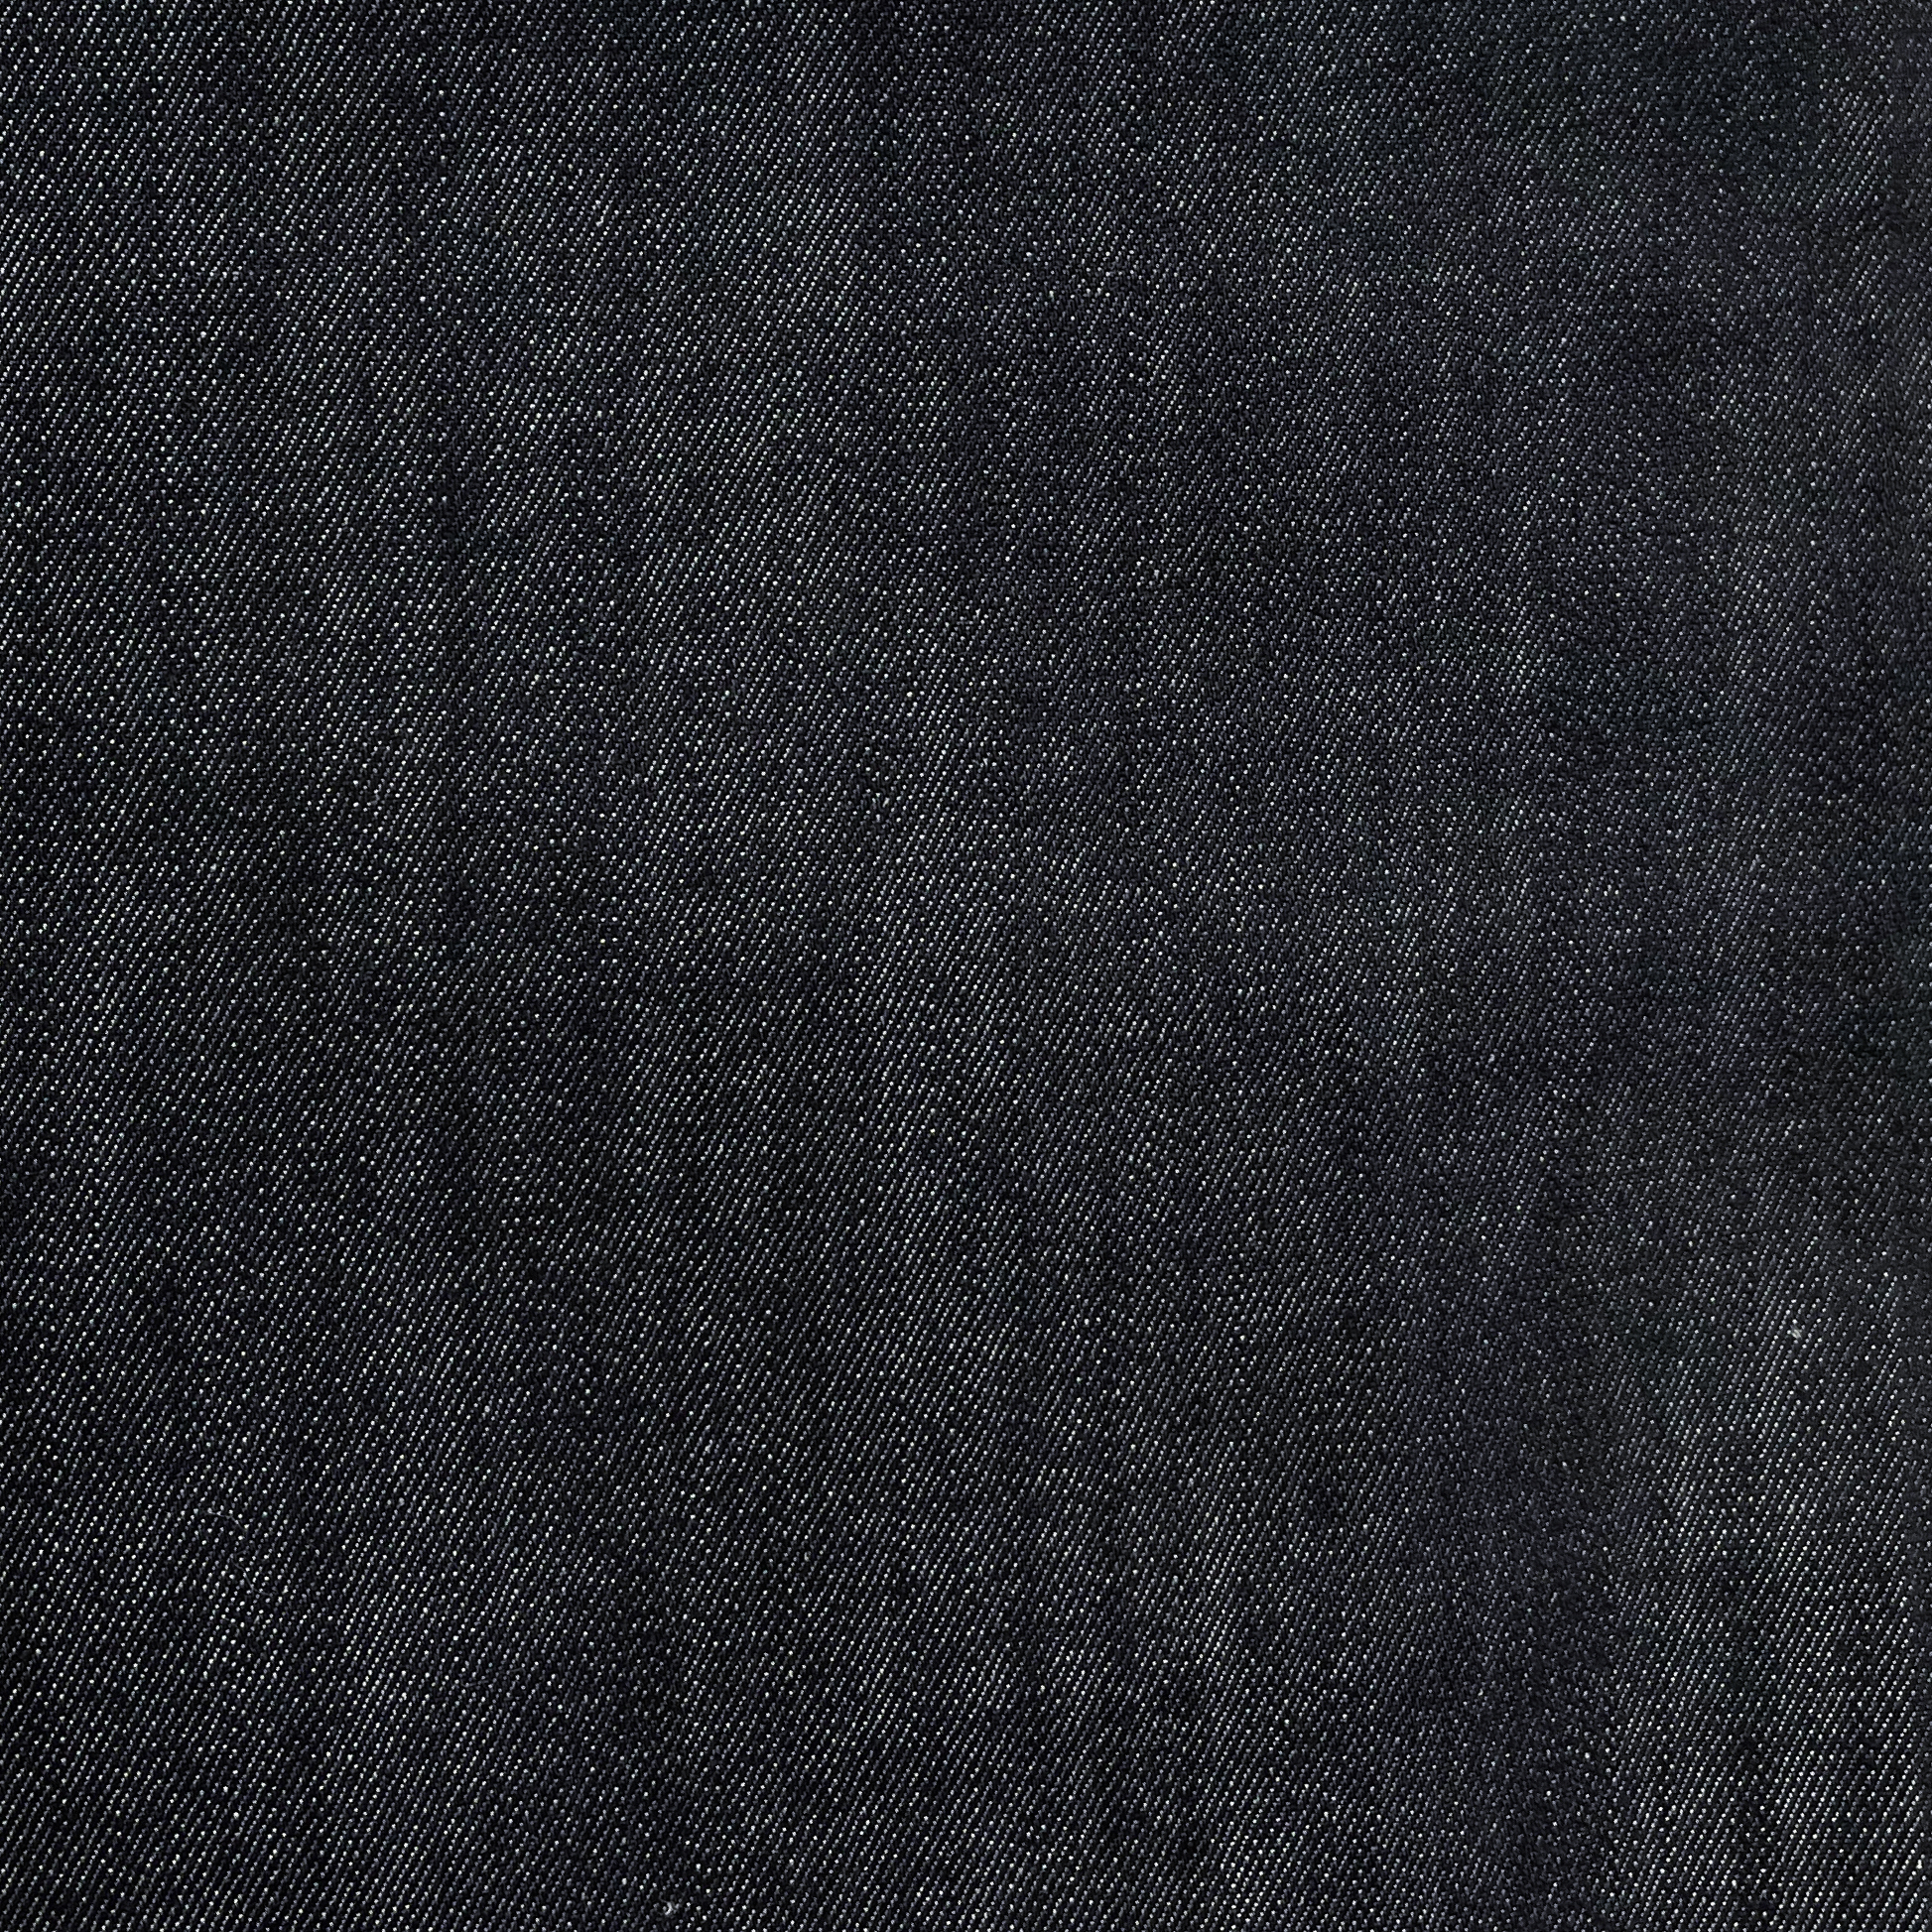 Хлопковый джинс с эластаном чернильный индиго